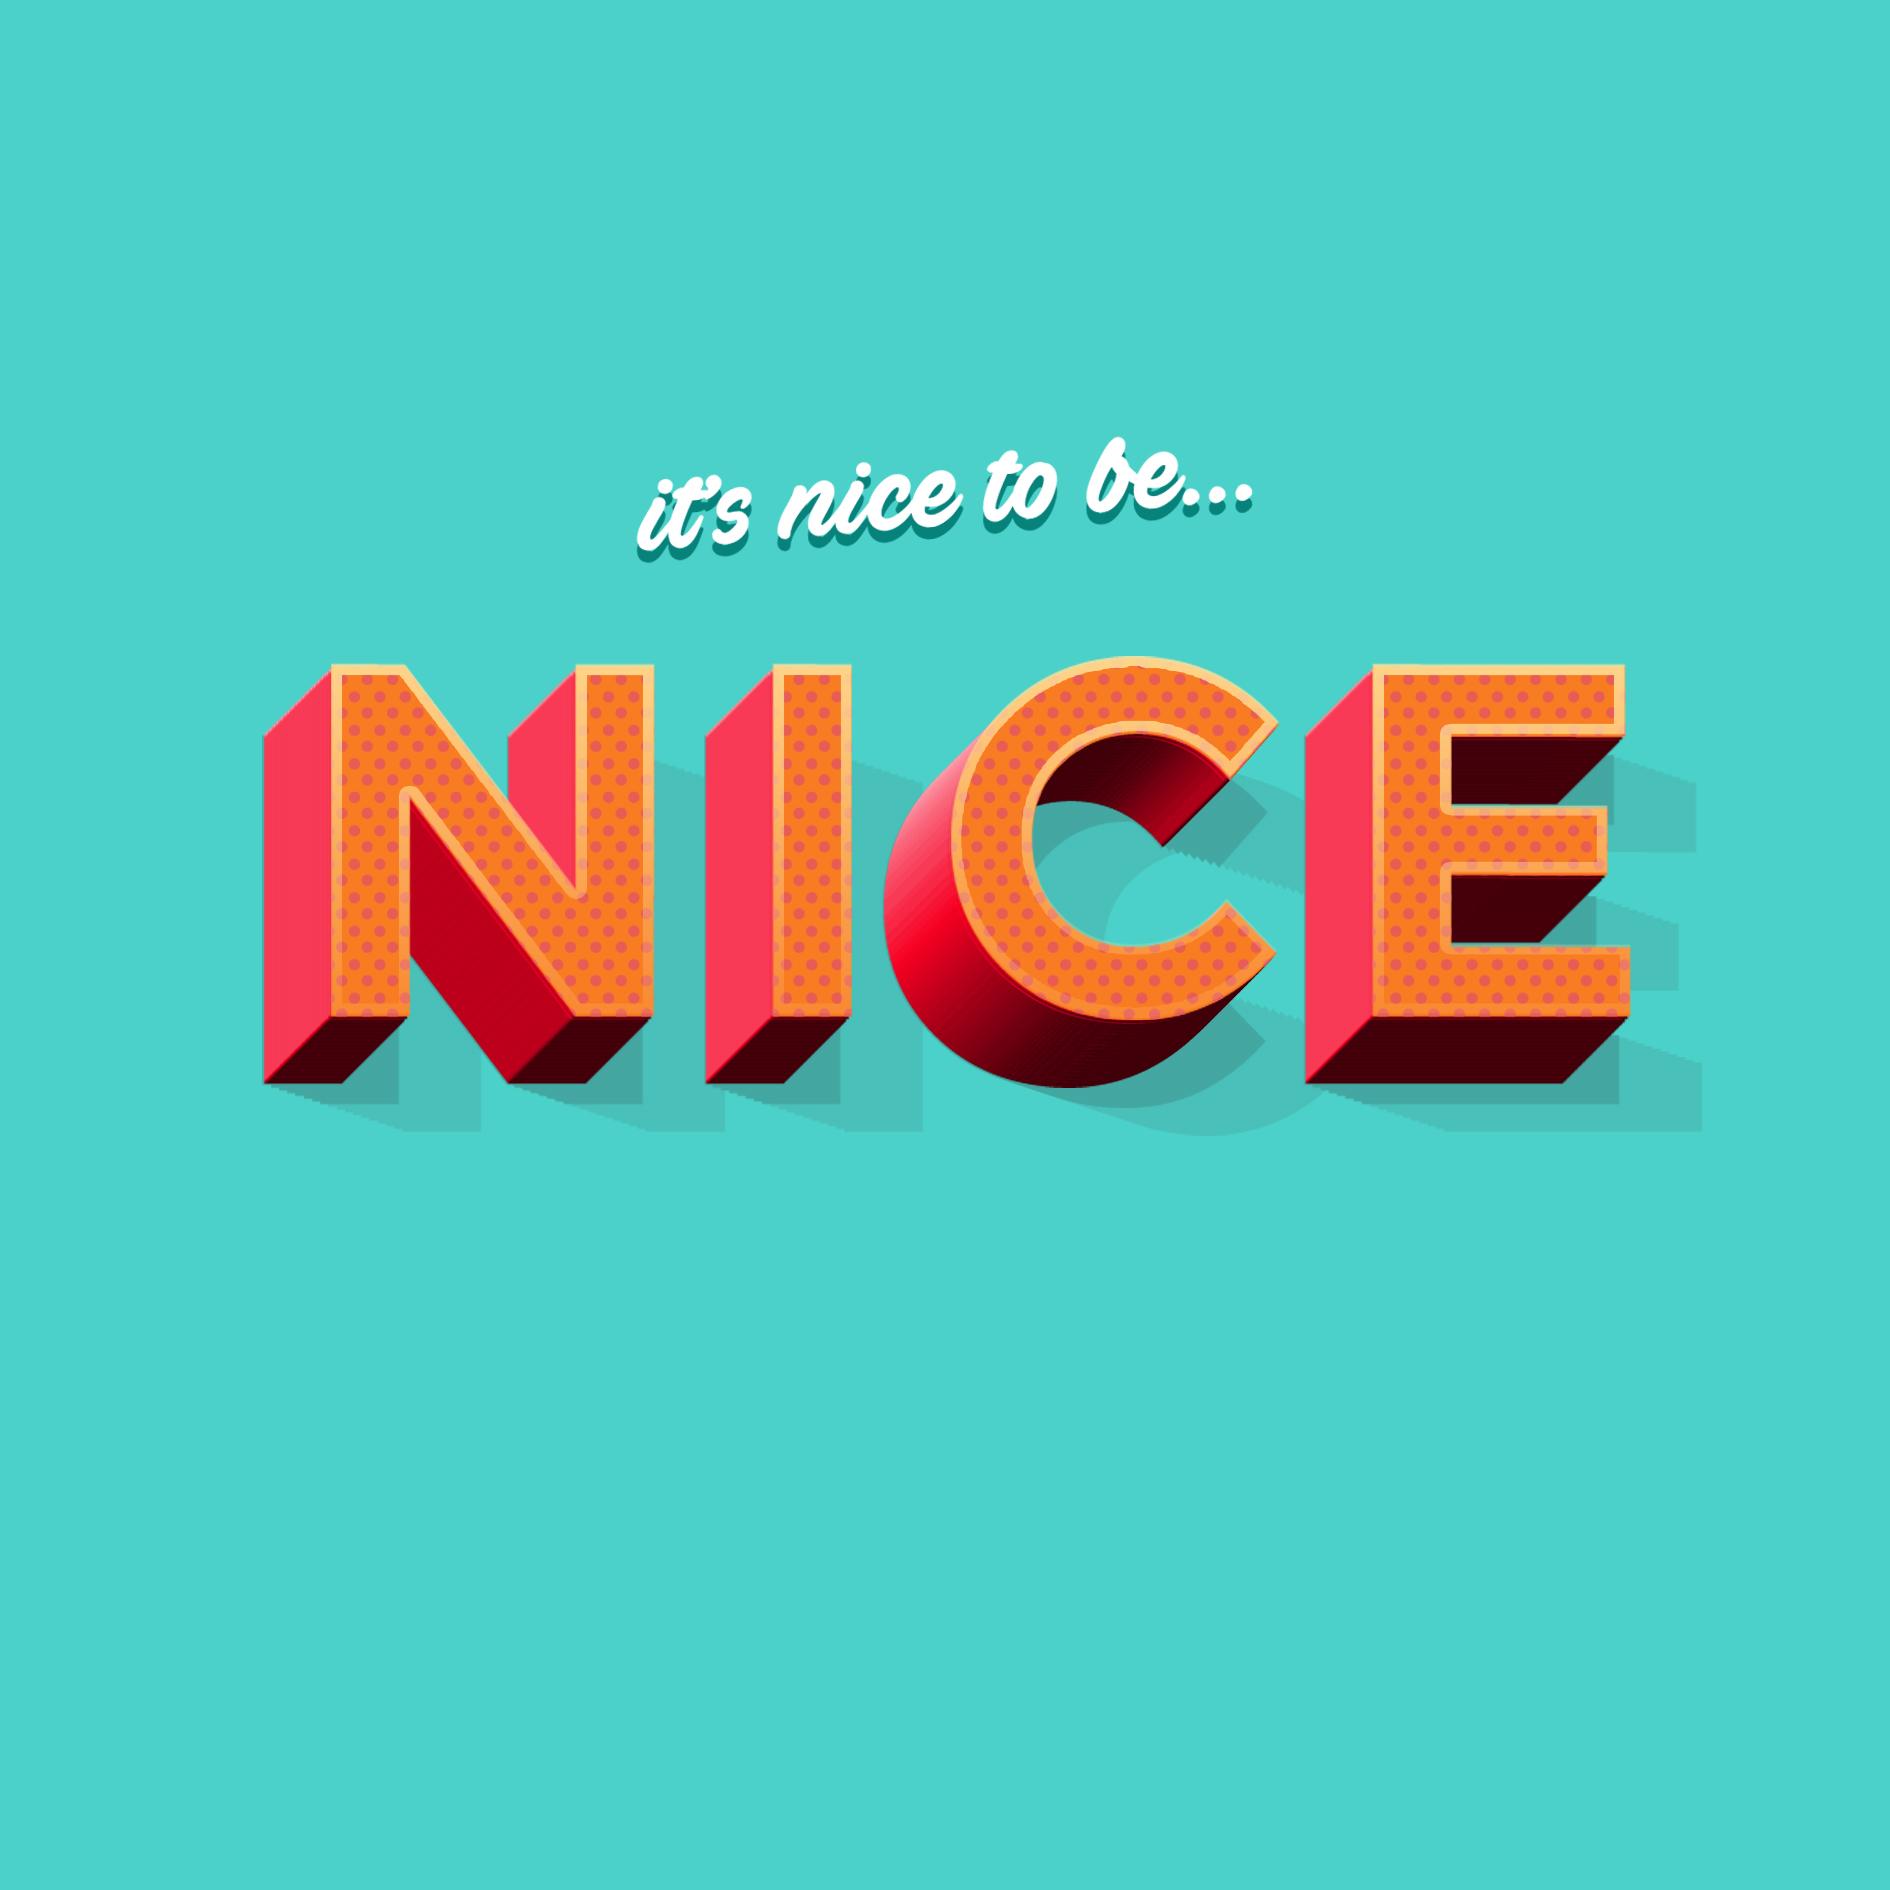 IT'S NICE TO BE NICE.jpg